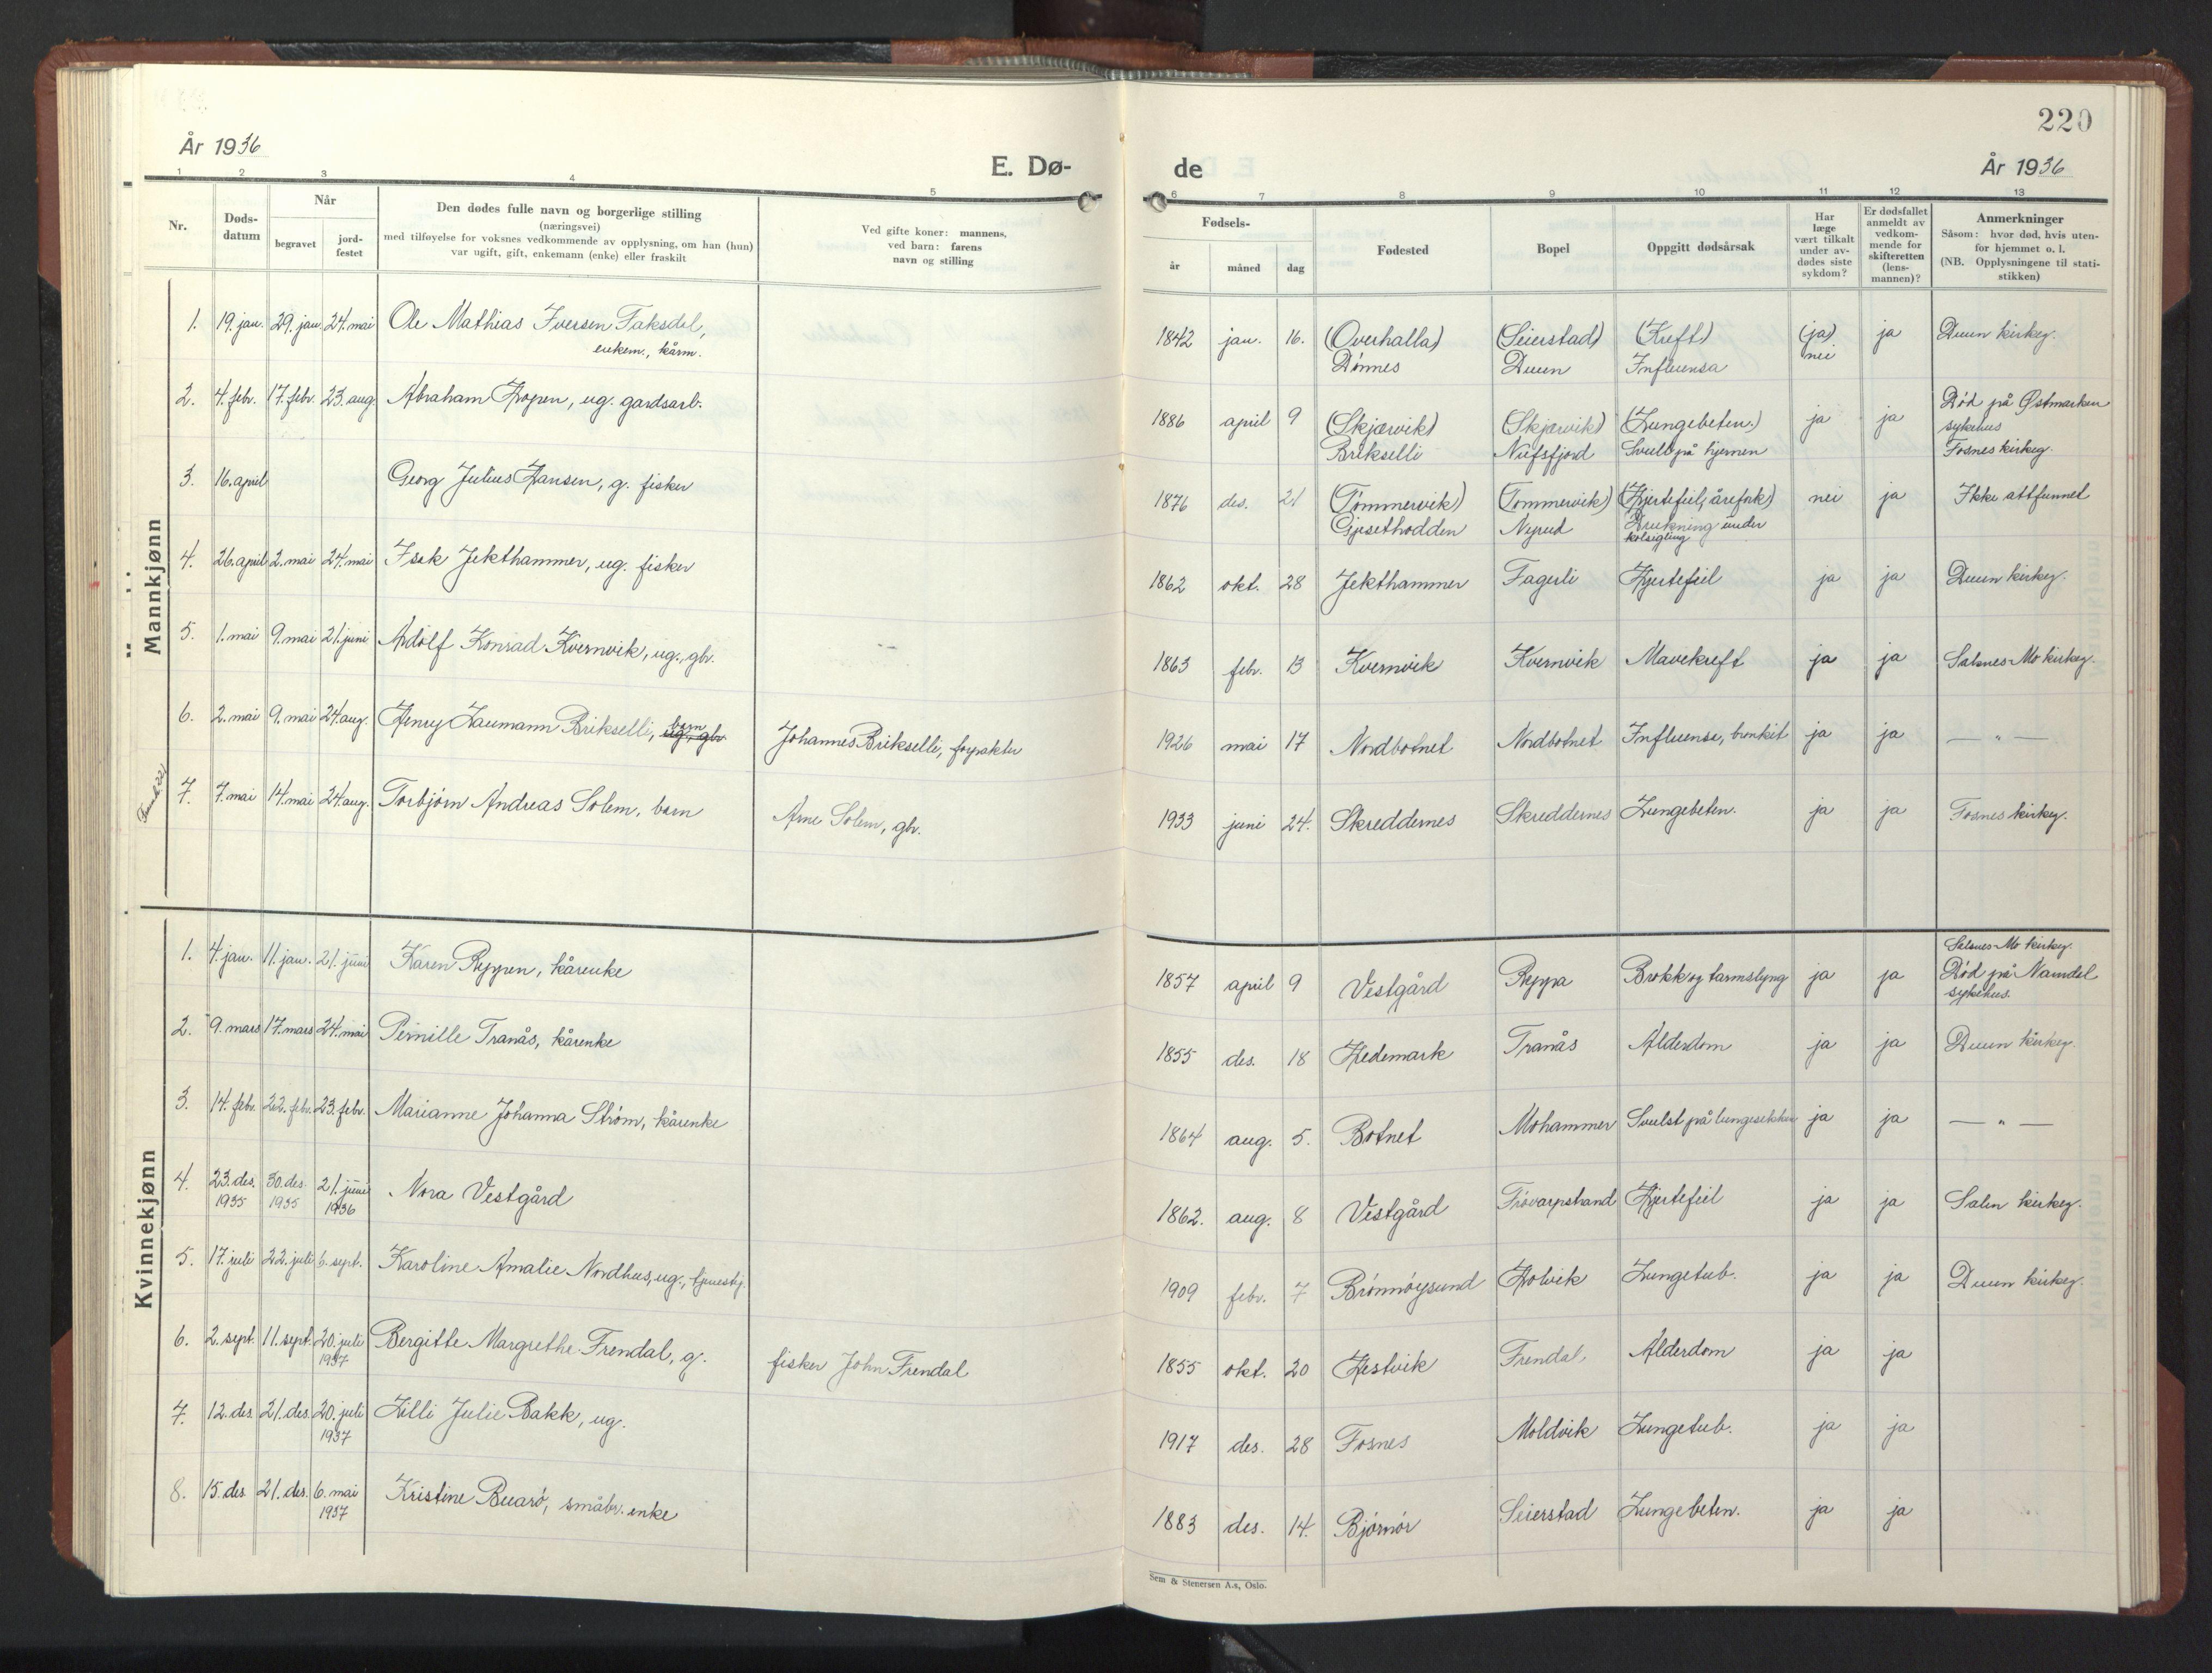 SAT, Ministerialprotokoller, klokkerbøker og fødselsregistre - Nord-Trøndelag, 773/L0625: Klokkerbok nr. 773C01, 1910-1952, s. 220